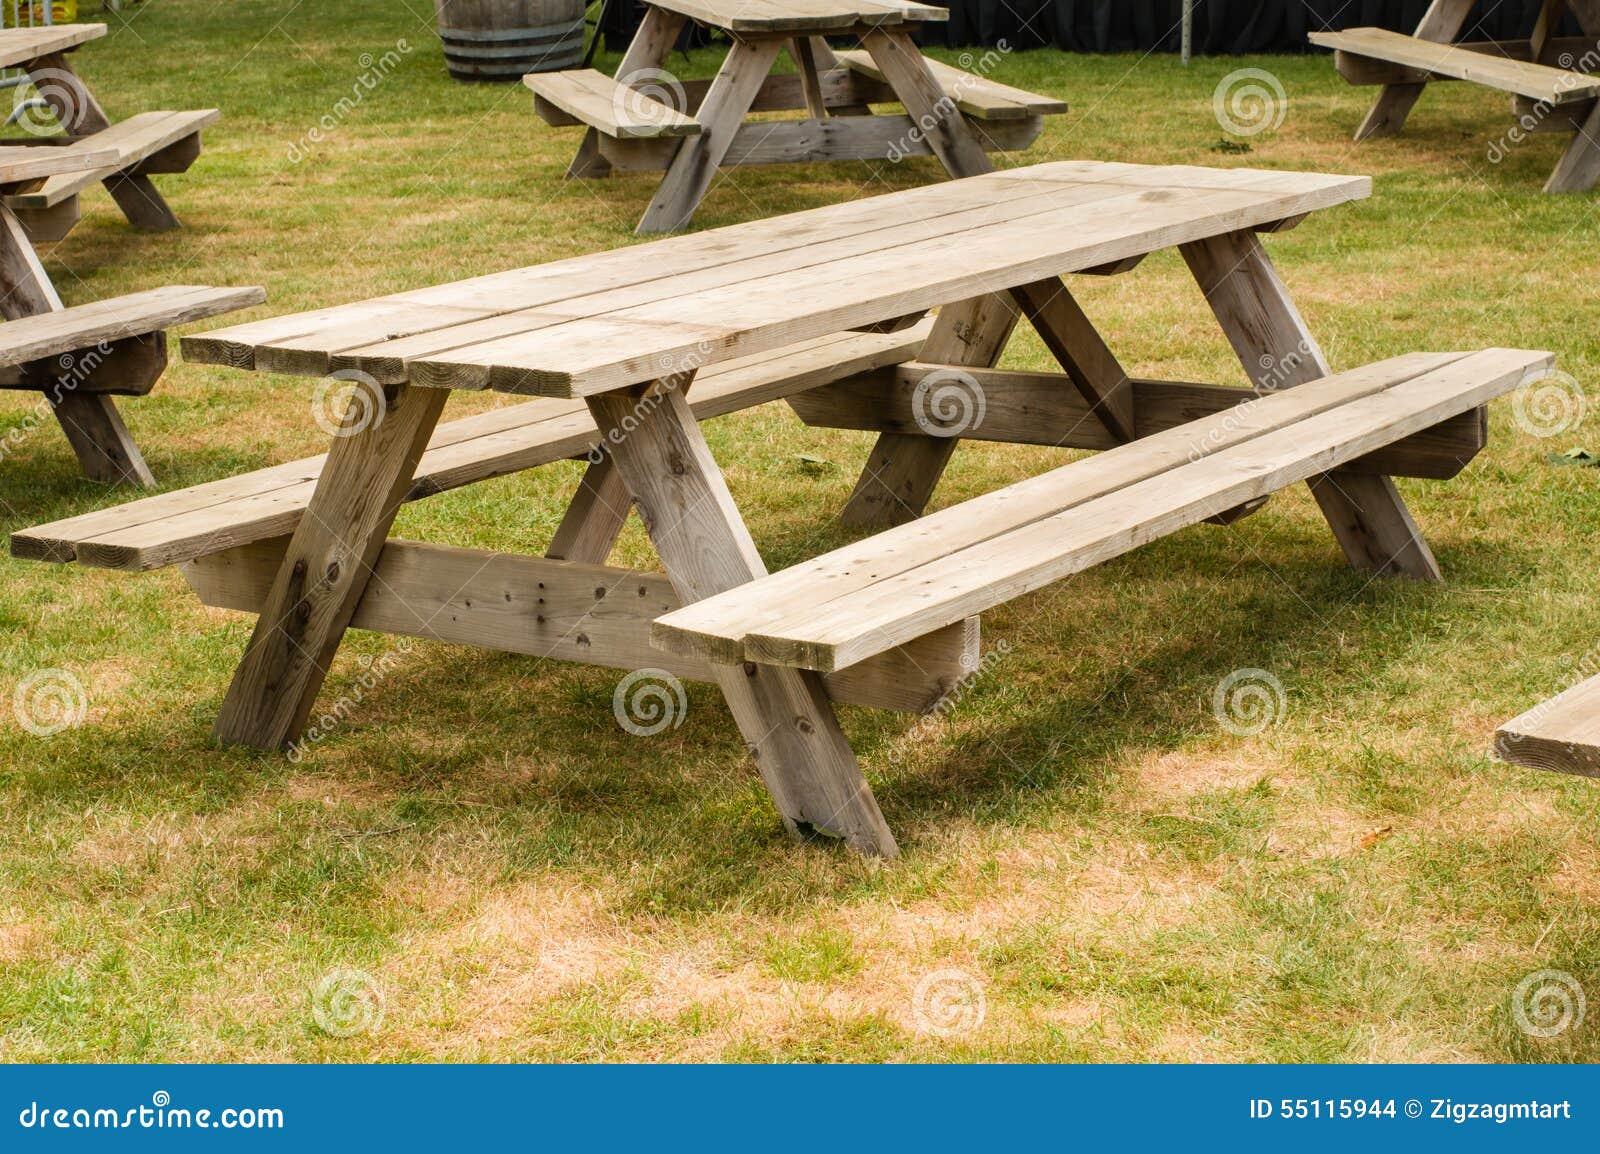 Mesas de picnic en un parque foto de archivo imagen for Mesa de picnic madera